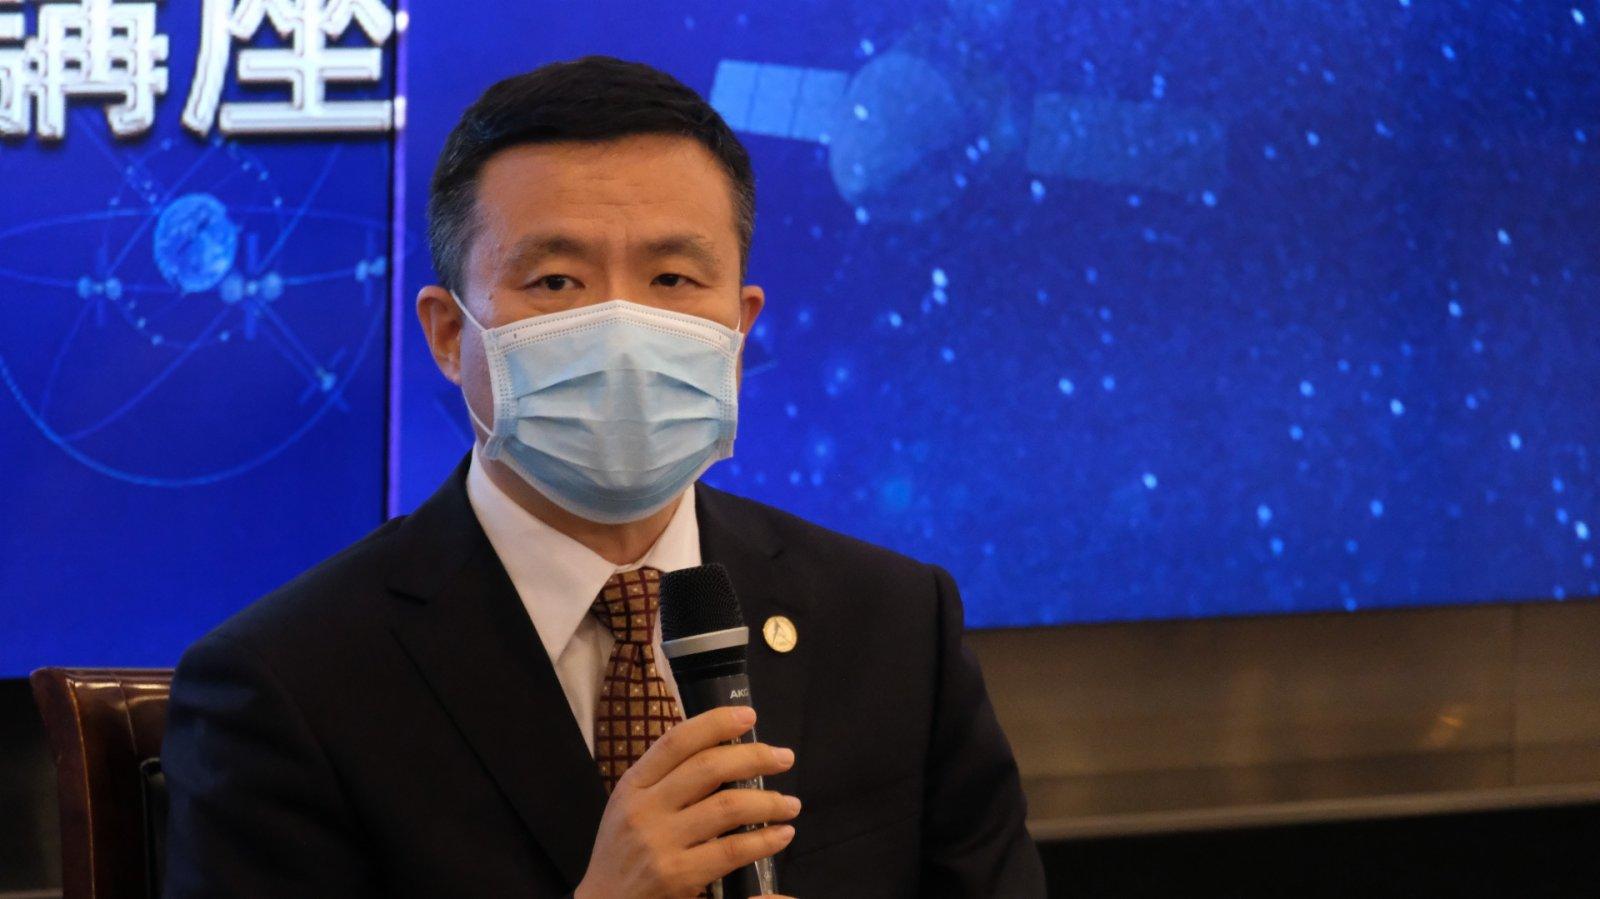 孫澤洲:有人採樣返回是未來火星探測重點目標 期待更多香港力量加入